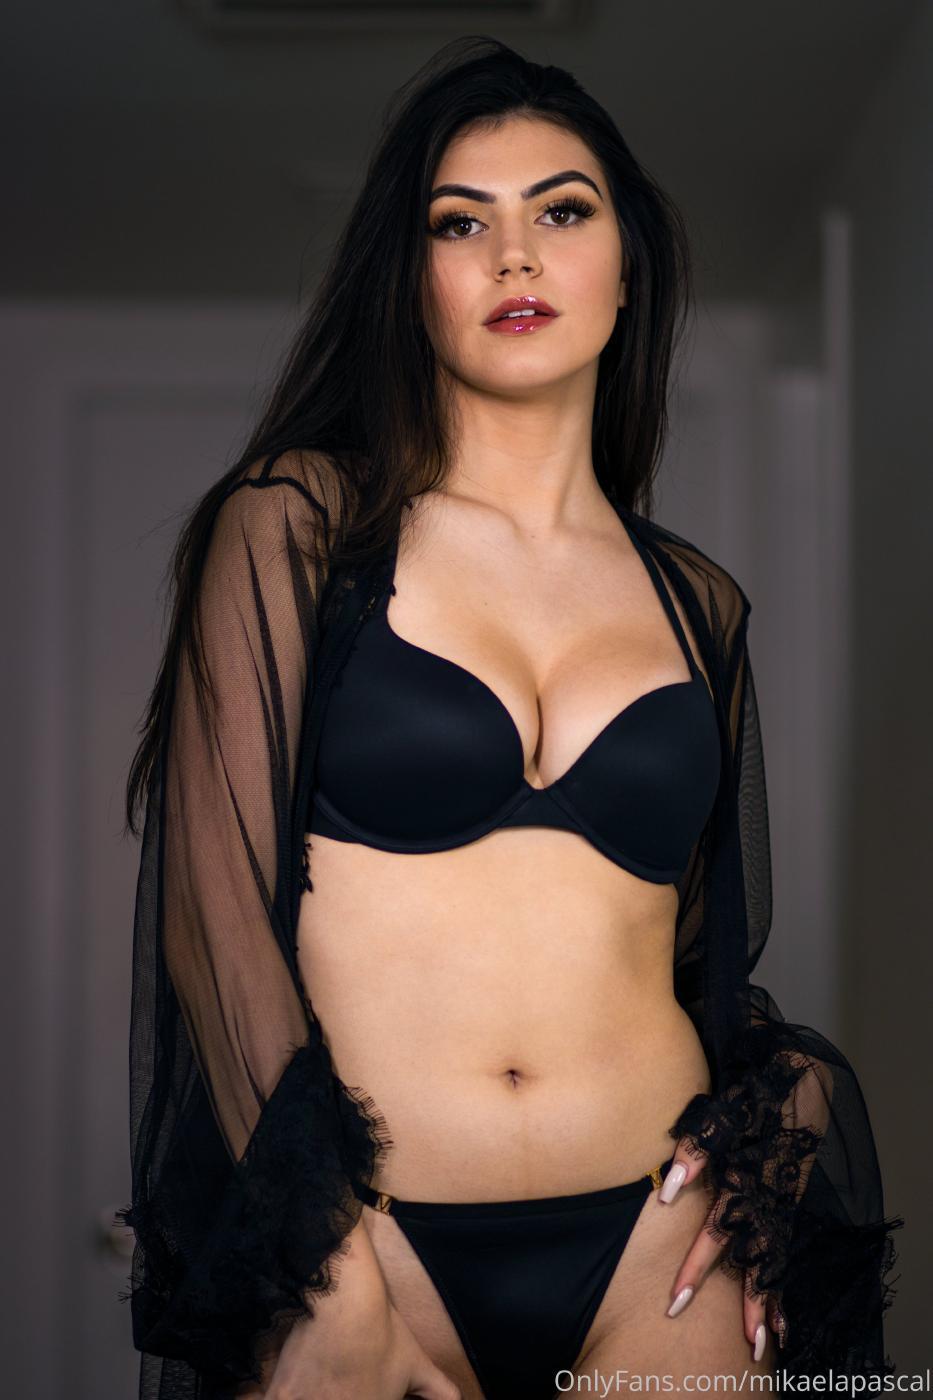 Mikaela Pascal Black Lingerie Onlyfans Set Leaked 0001